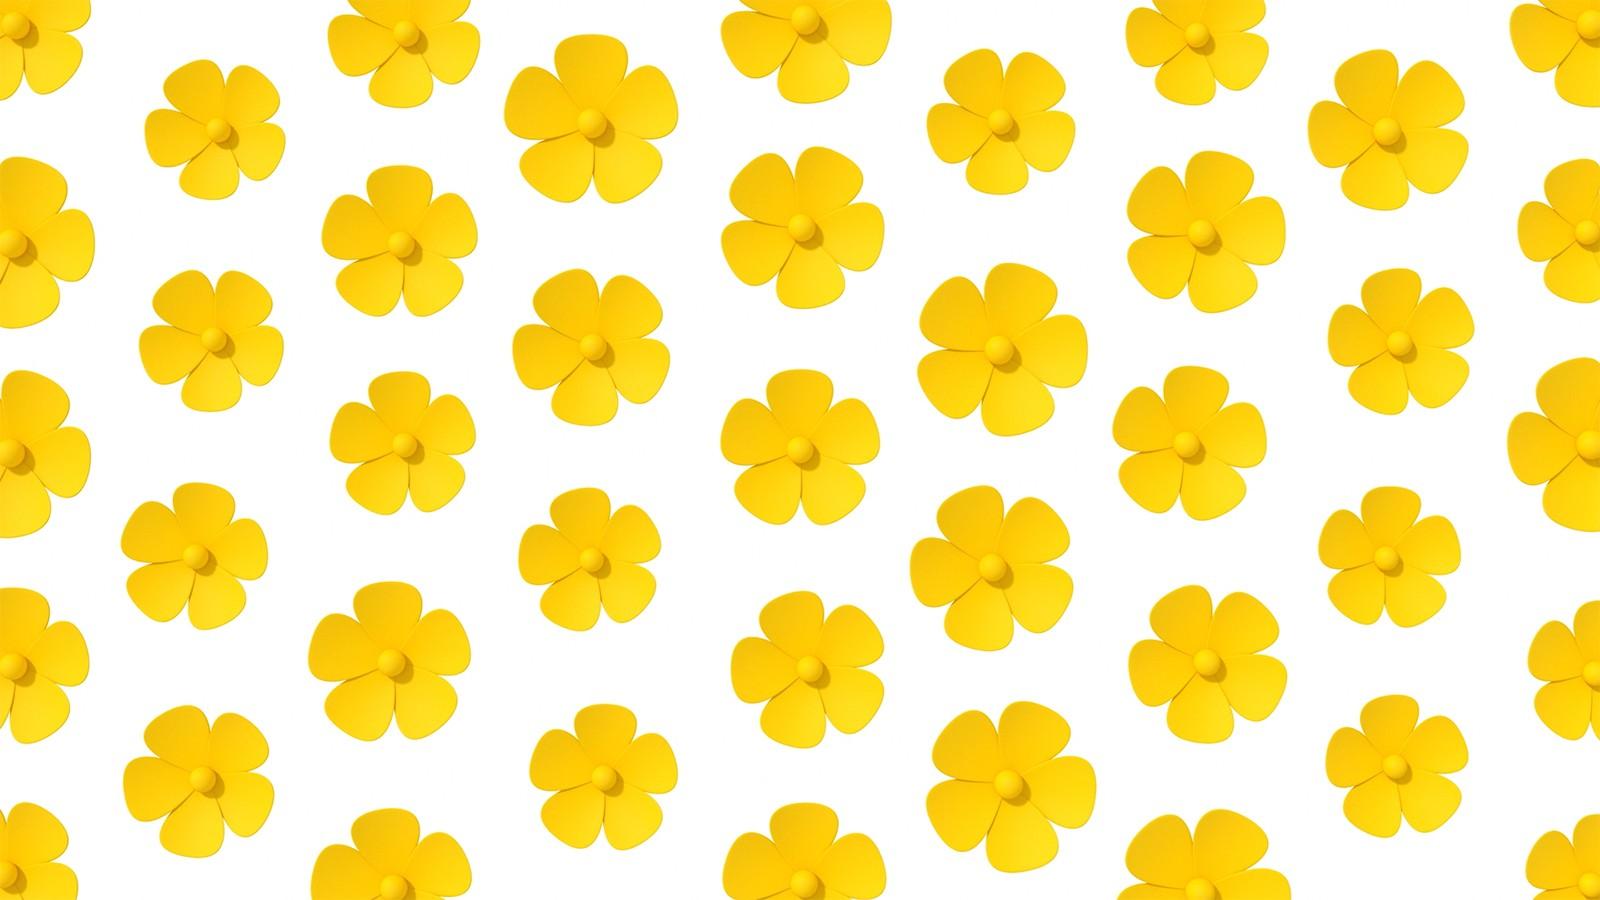 تاثیر رنگ زرد بر روح و روان انسان